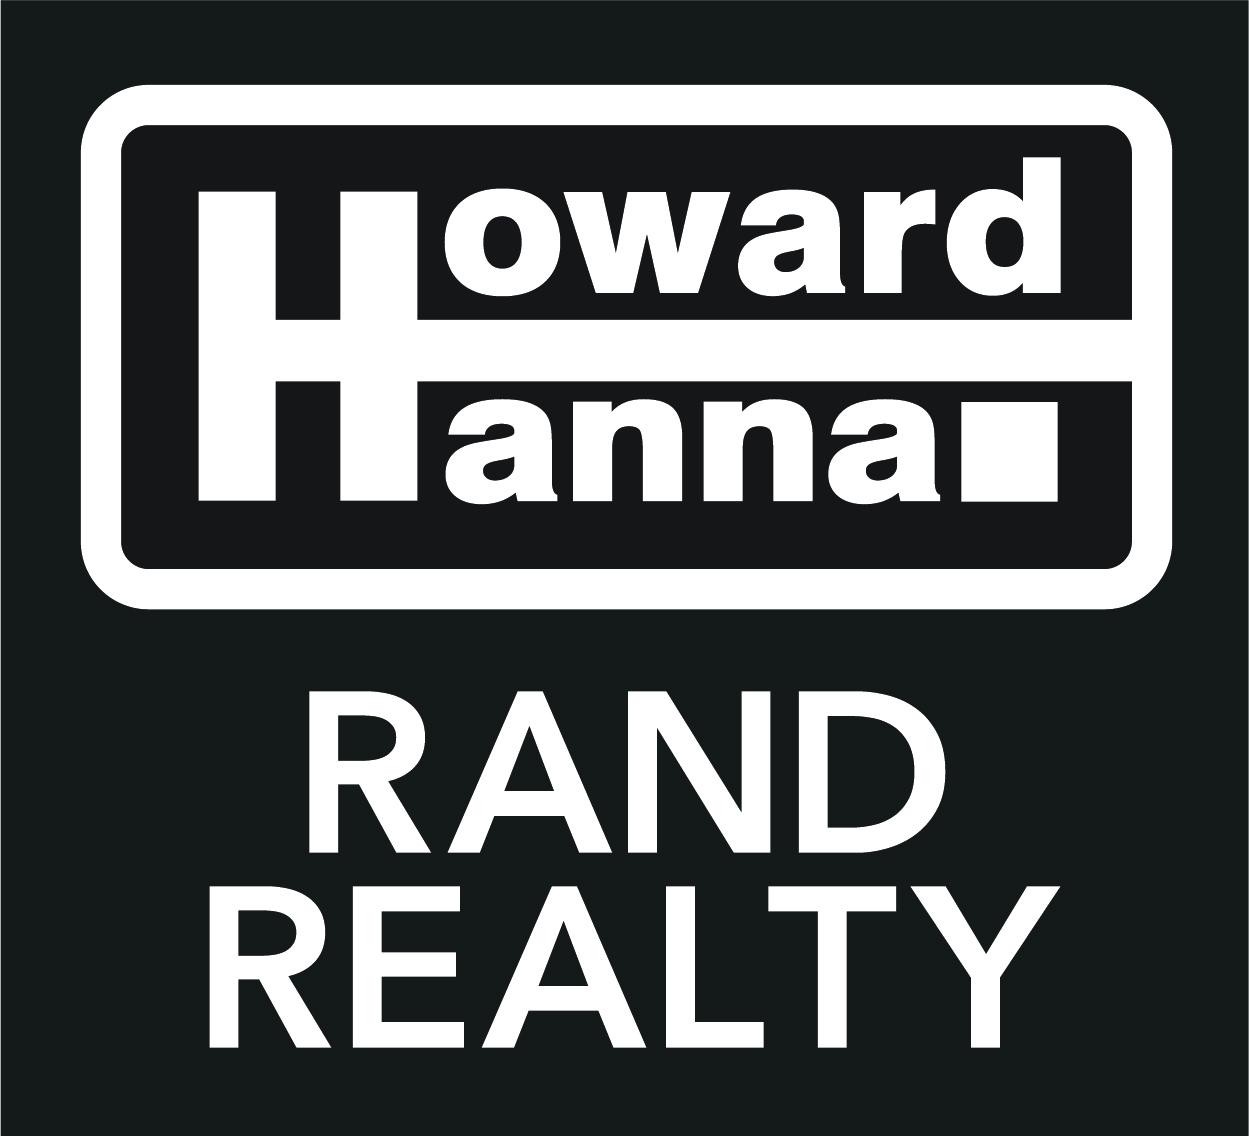 Howard Hanna Rand Realty Logo